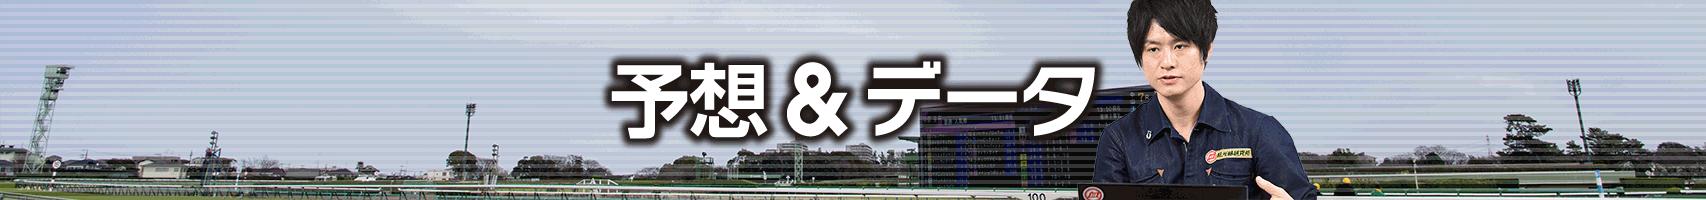 函館記念/過去の好走馬4ライン小系統&3代内種牡馬